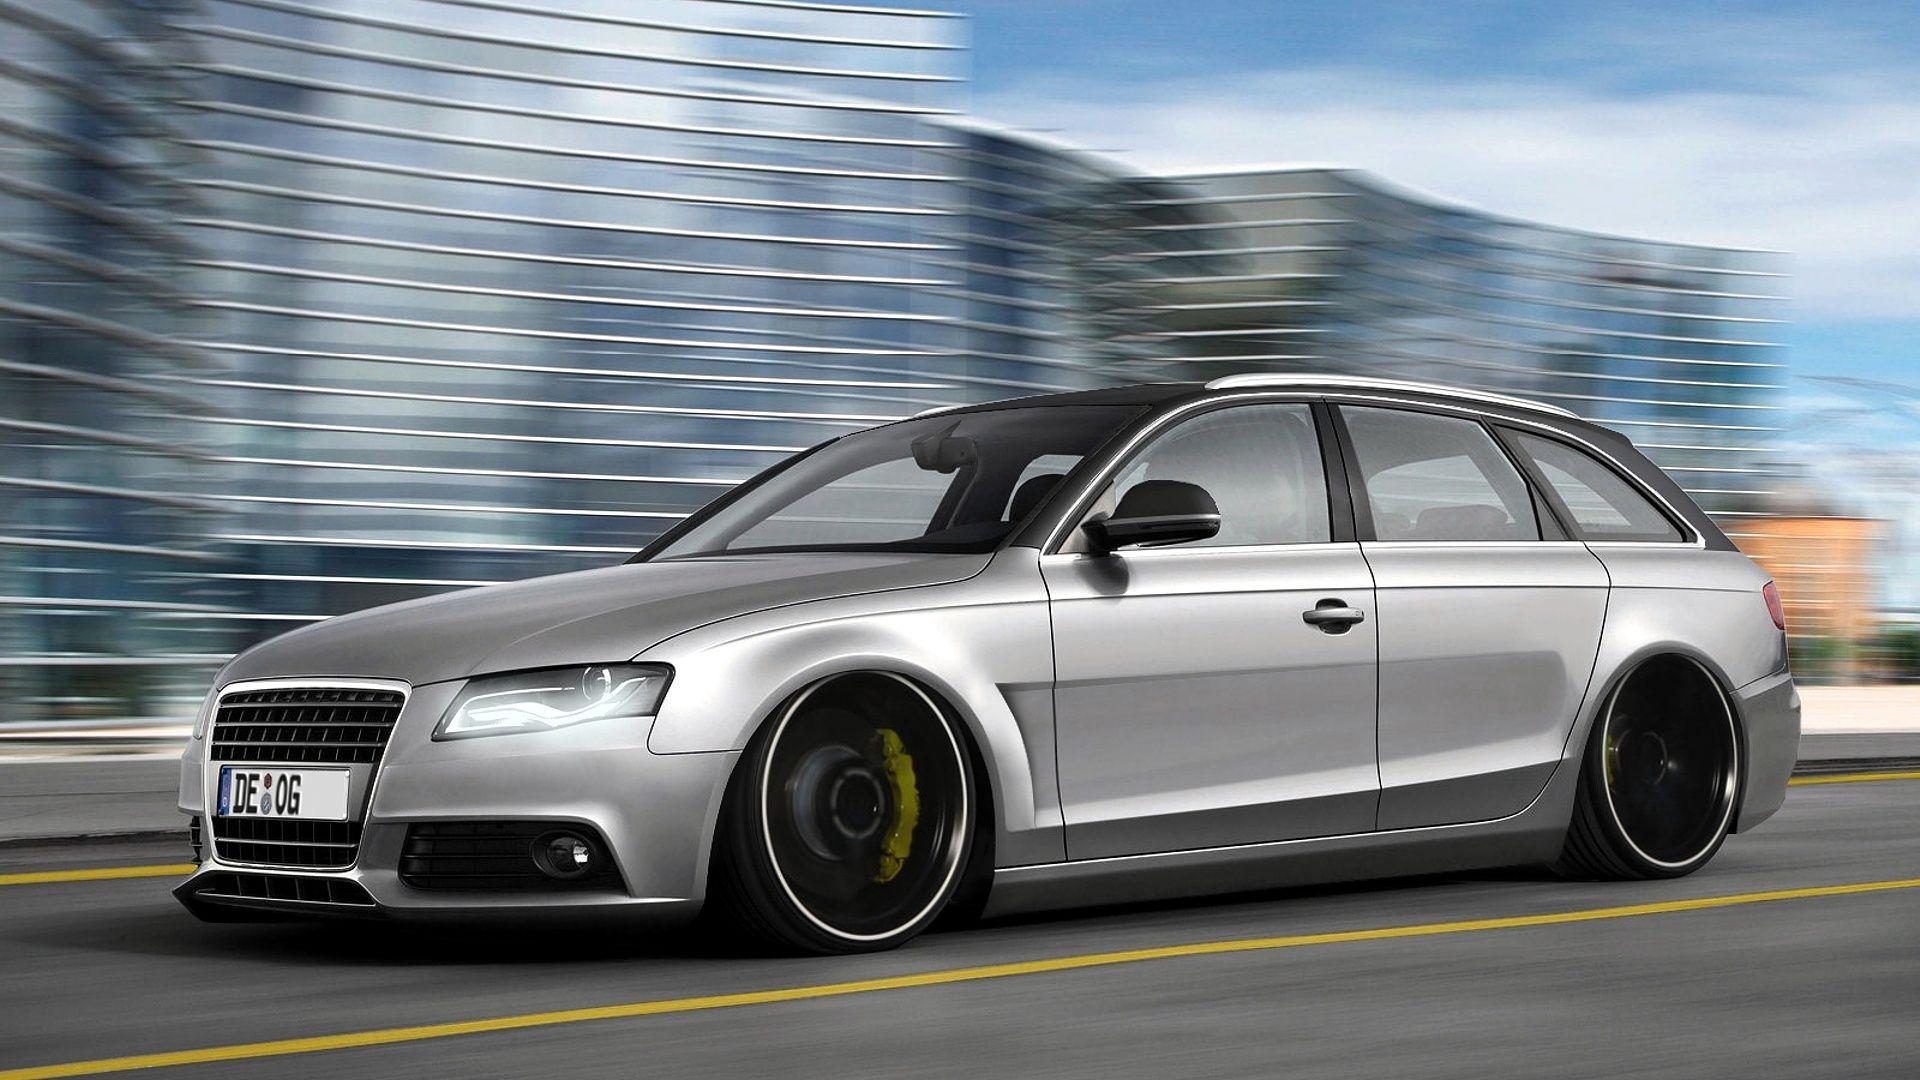 Kelebihan Kekurangan Audi A4 Avant 2008 Perbandingan Harga